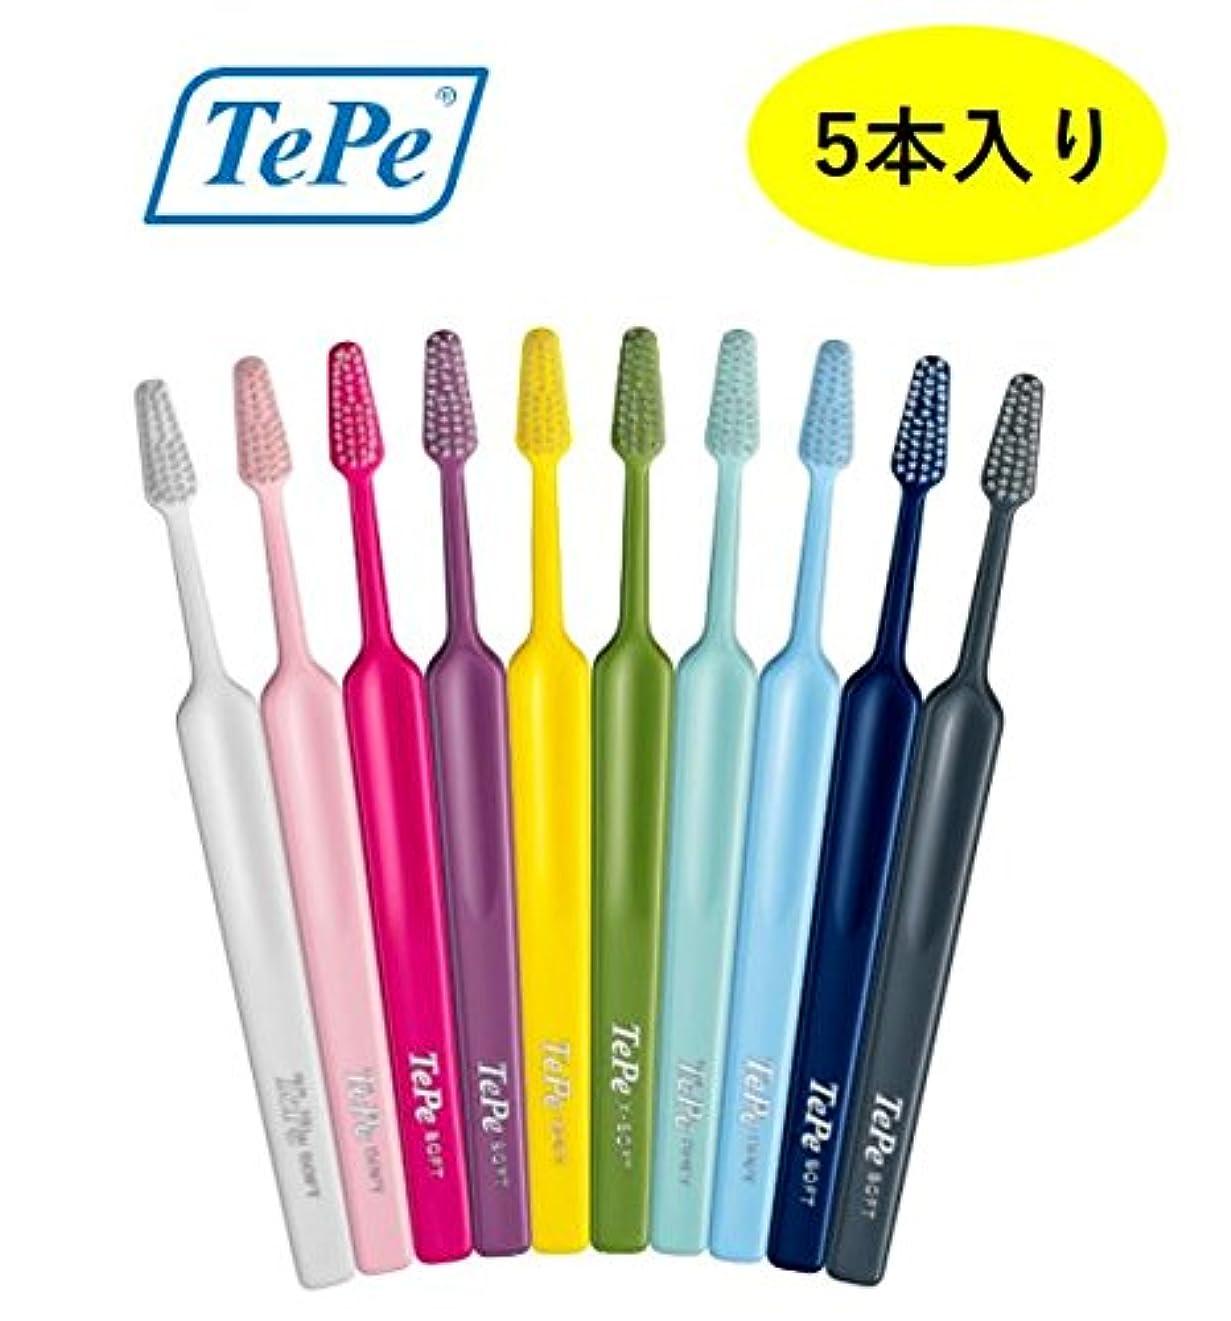 パッケージ花に水をやるうんざりテペ エクストラソフト(極やわらかめ) 5本 ブリスターパック TePe